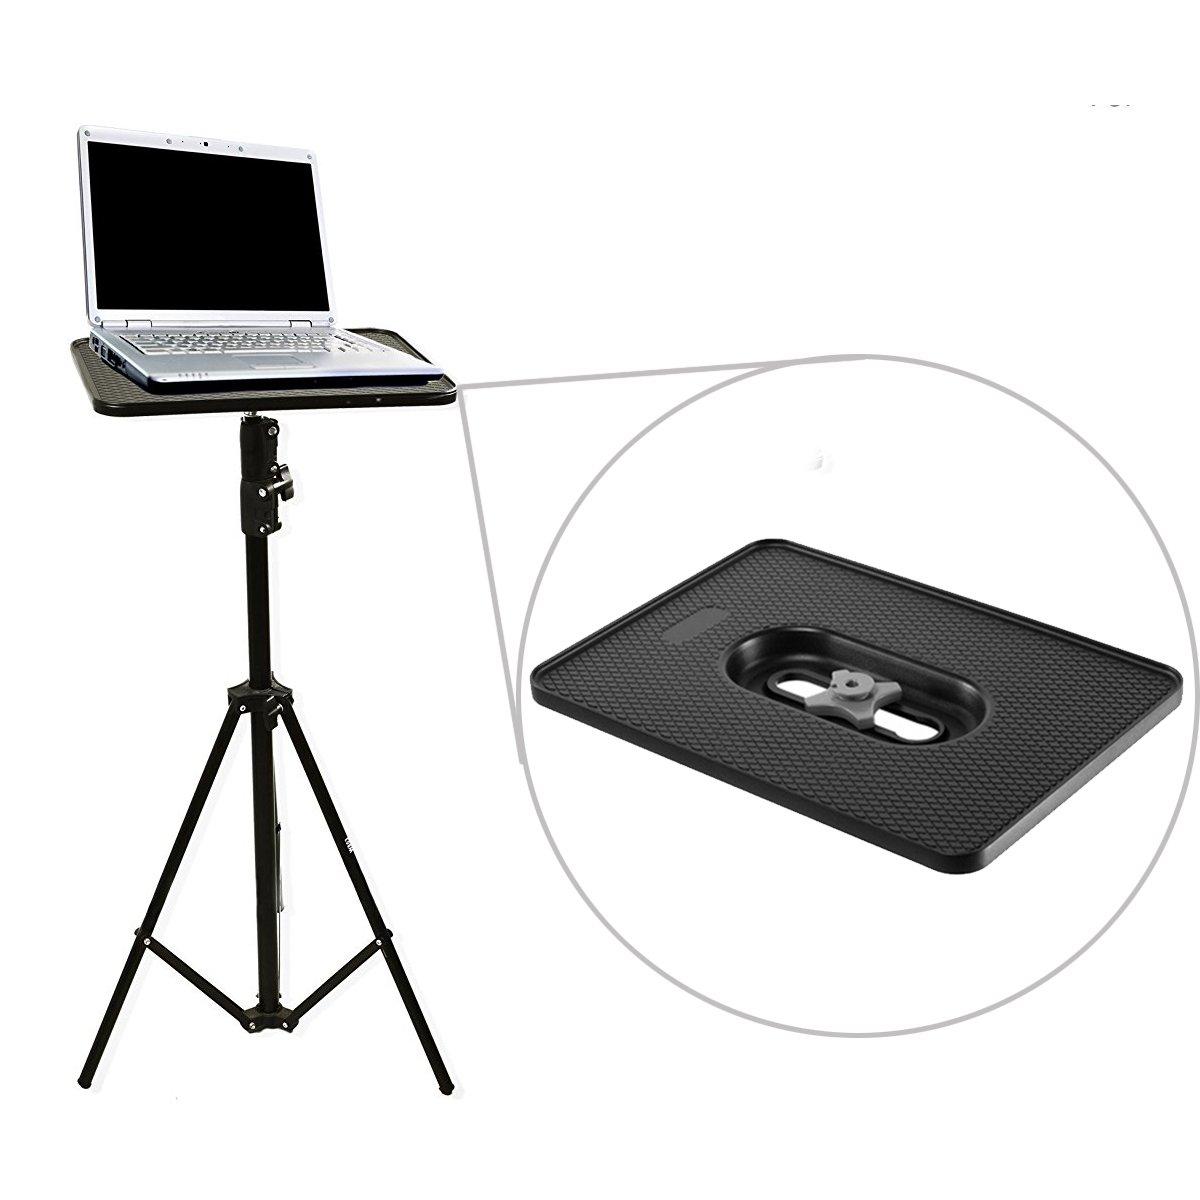 Amazon.com: Selens universal – Trípode computadora portátil ...